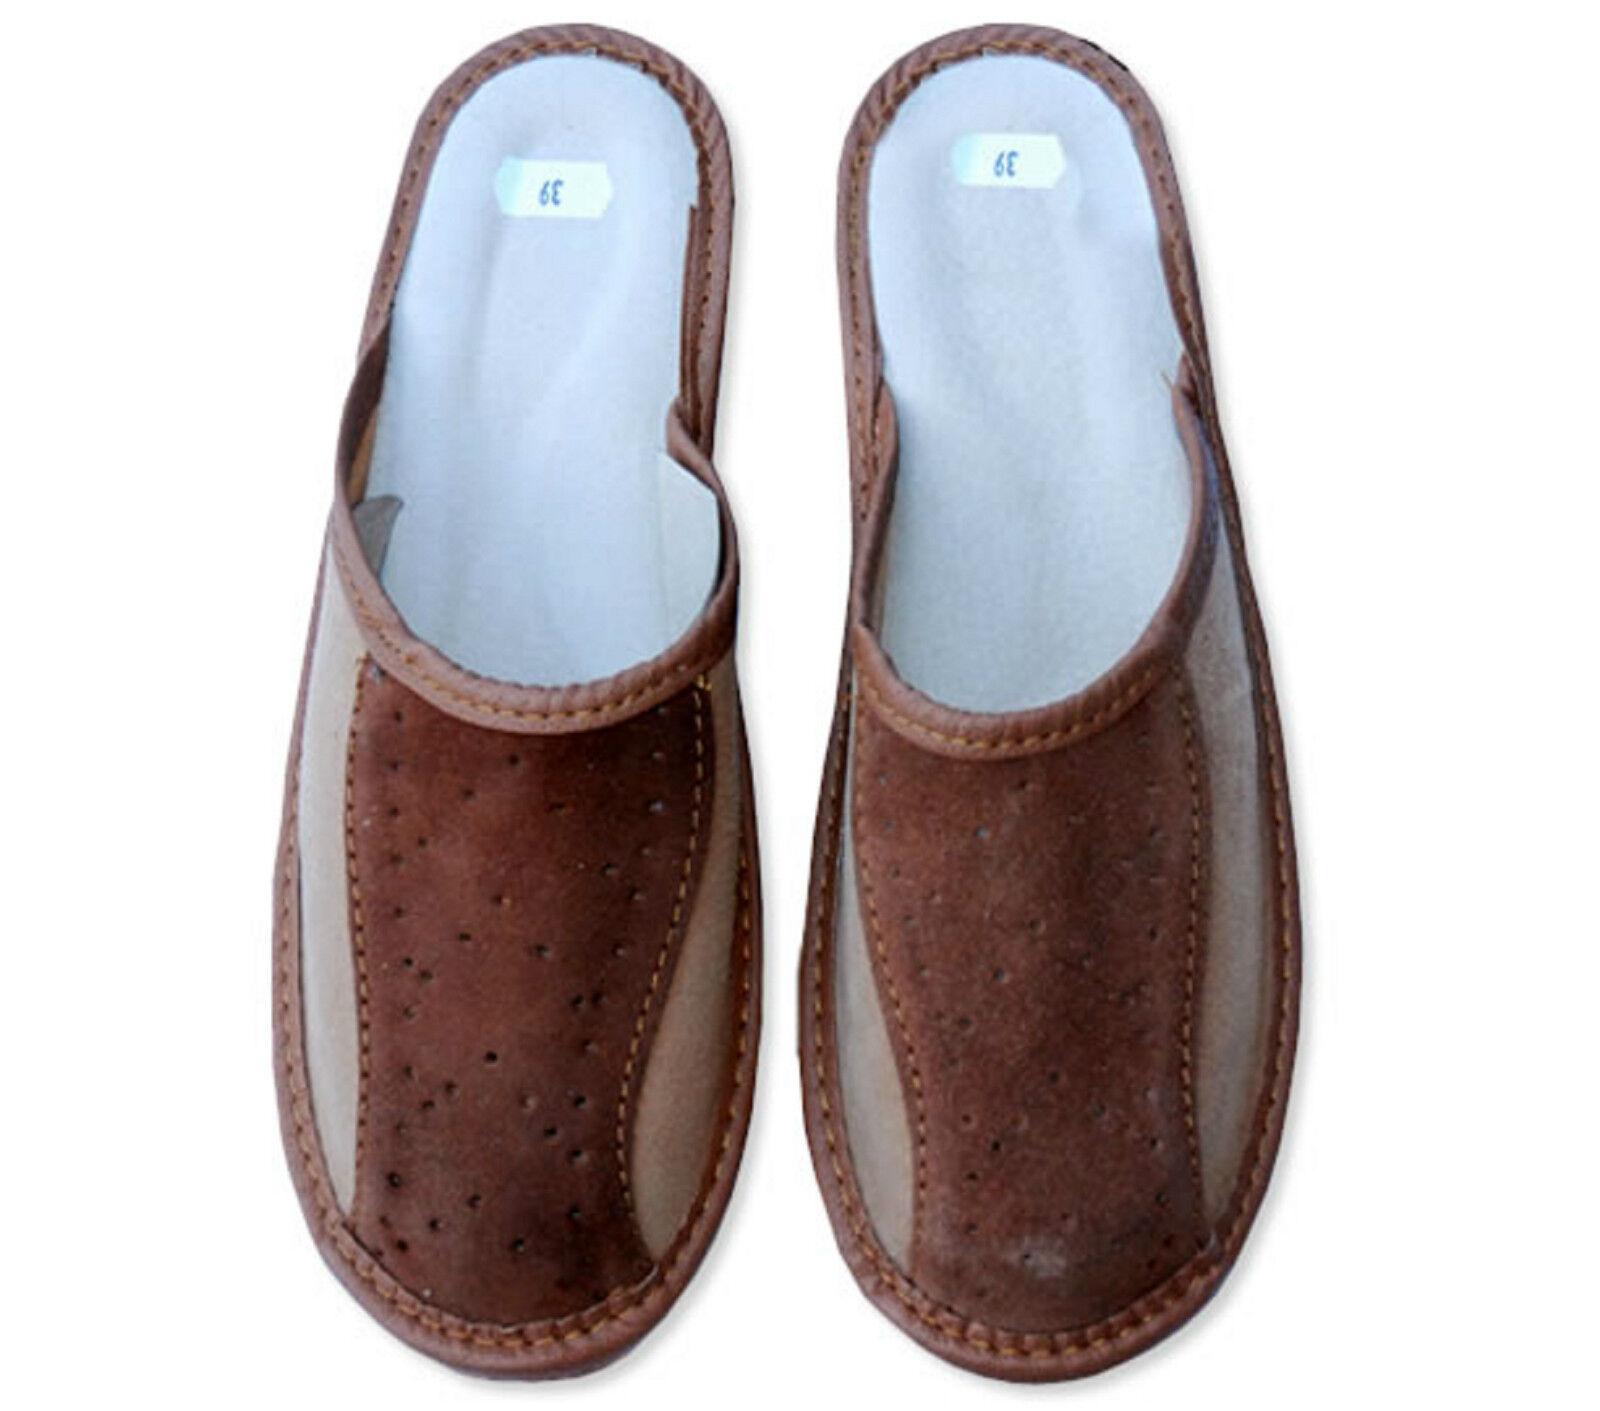 Nuovi Nuovi Nuovi Pantaloncini Uomo Ragazzo Uomo Marronee Pelle Pantofole MULE H Q    oferr   | Ammenda Di Lavorazione  | Uomini/Donne Scarpa  2965bc